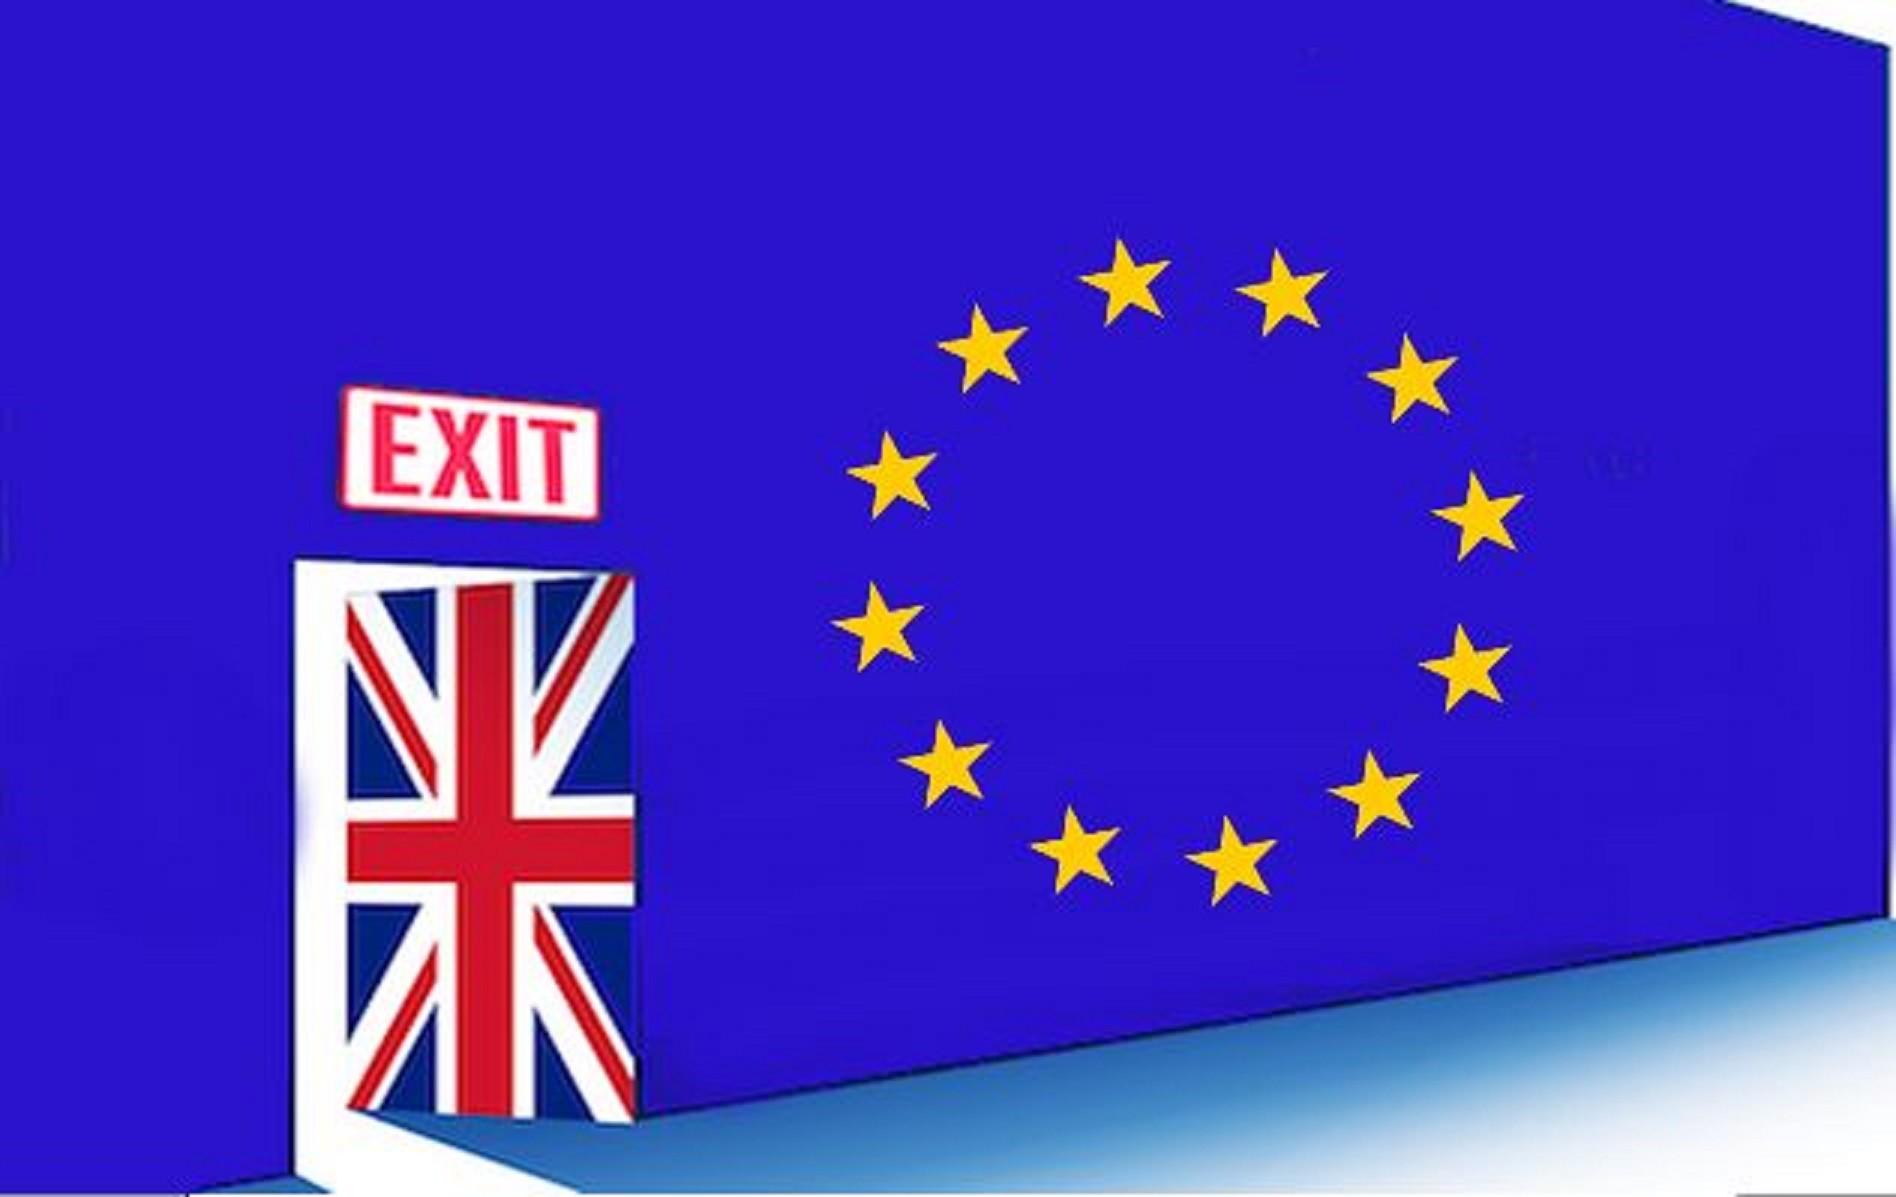 Руководство Англии несможет самостоятельно запустить процесс выхода изЕС